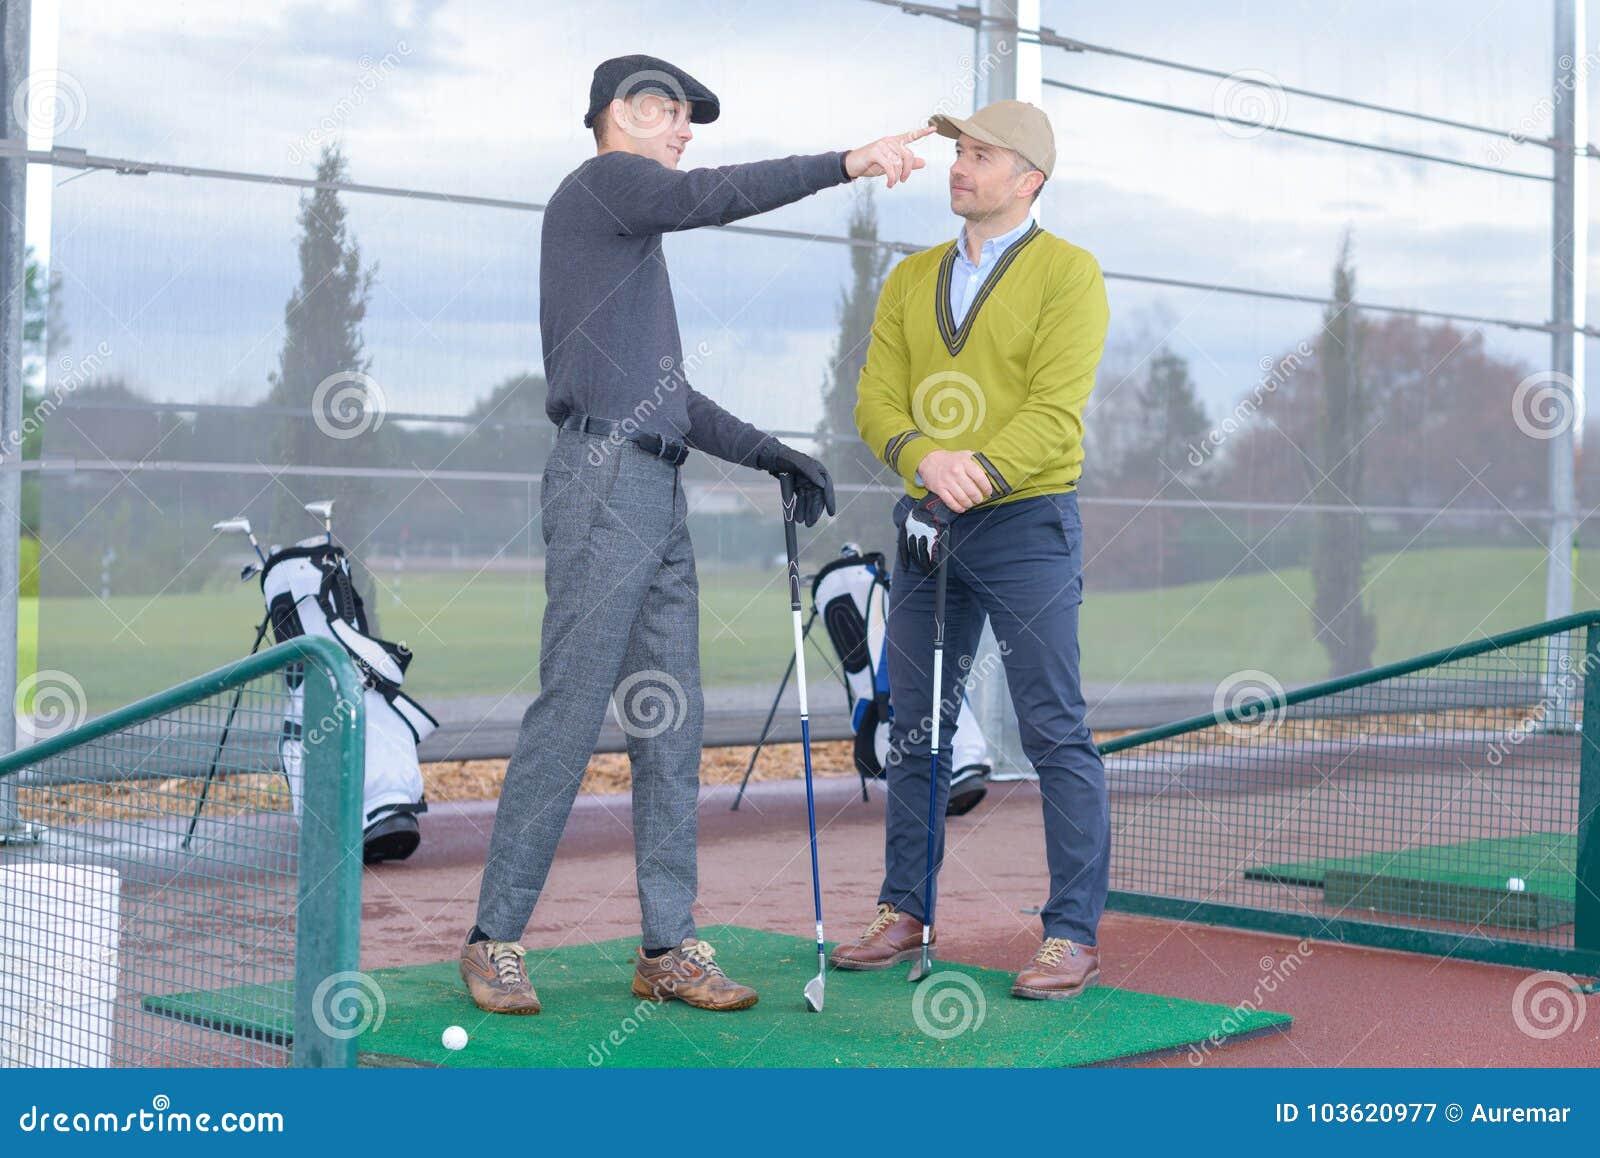 Trainer guiding novice golfer